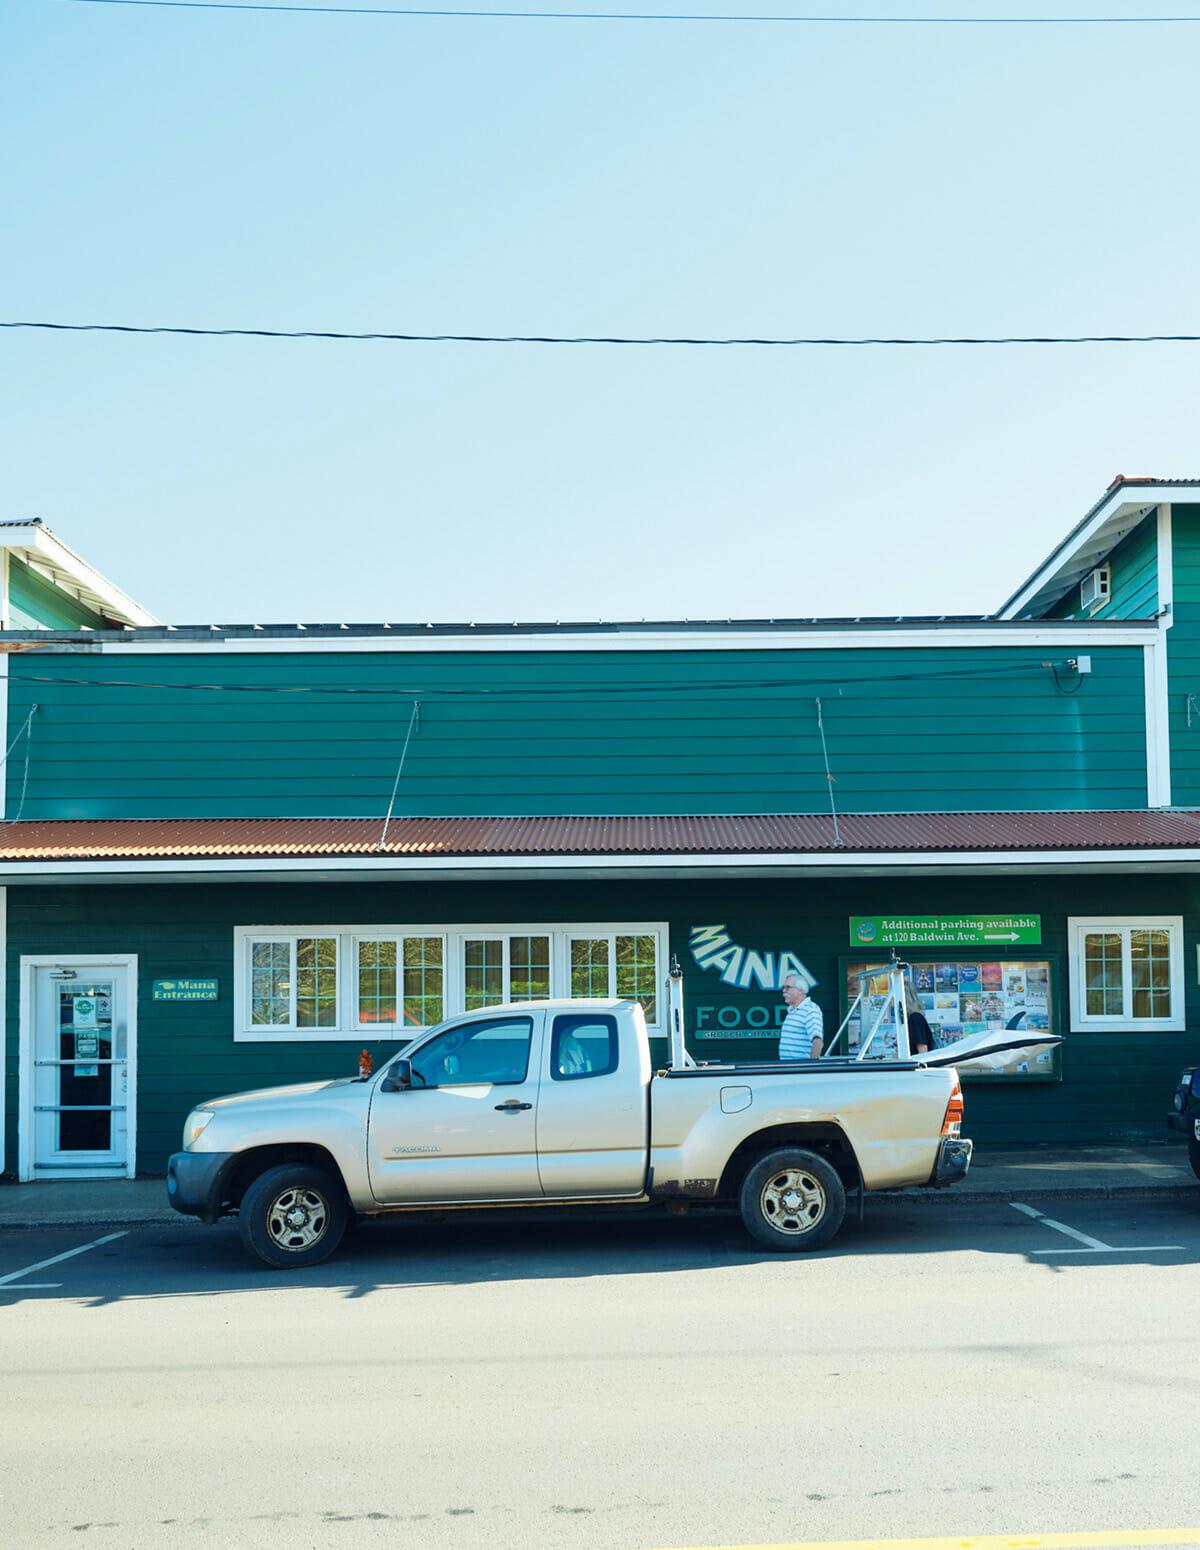 1983年の創業以来、頑なにこの場所だけで営業するスーパー。ローカルに愛されている。